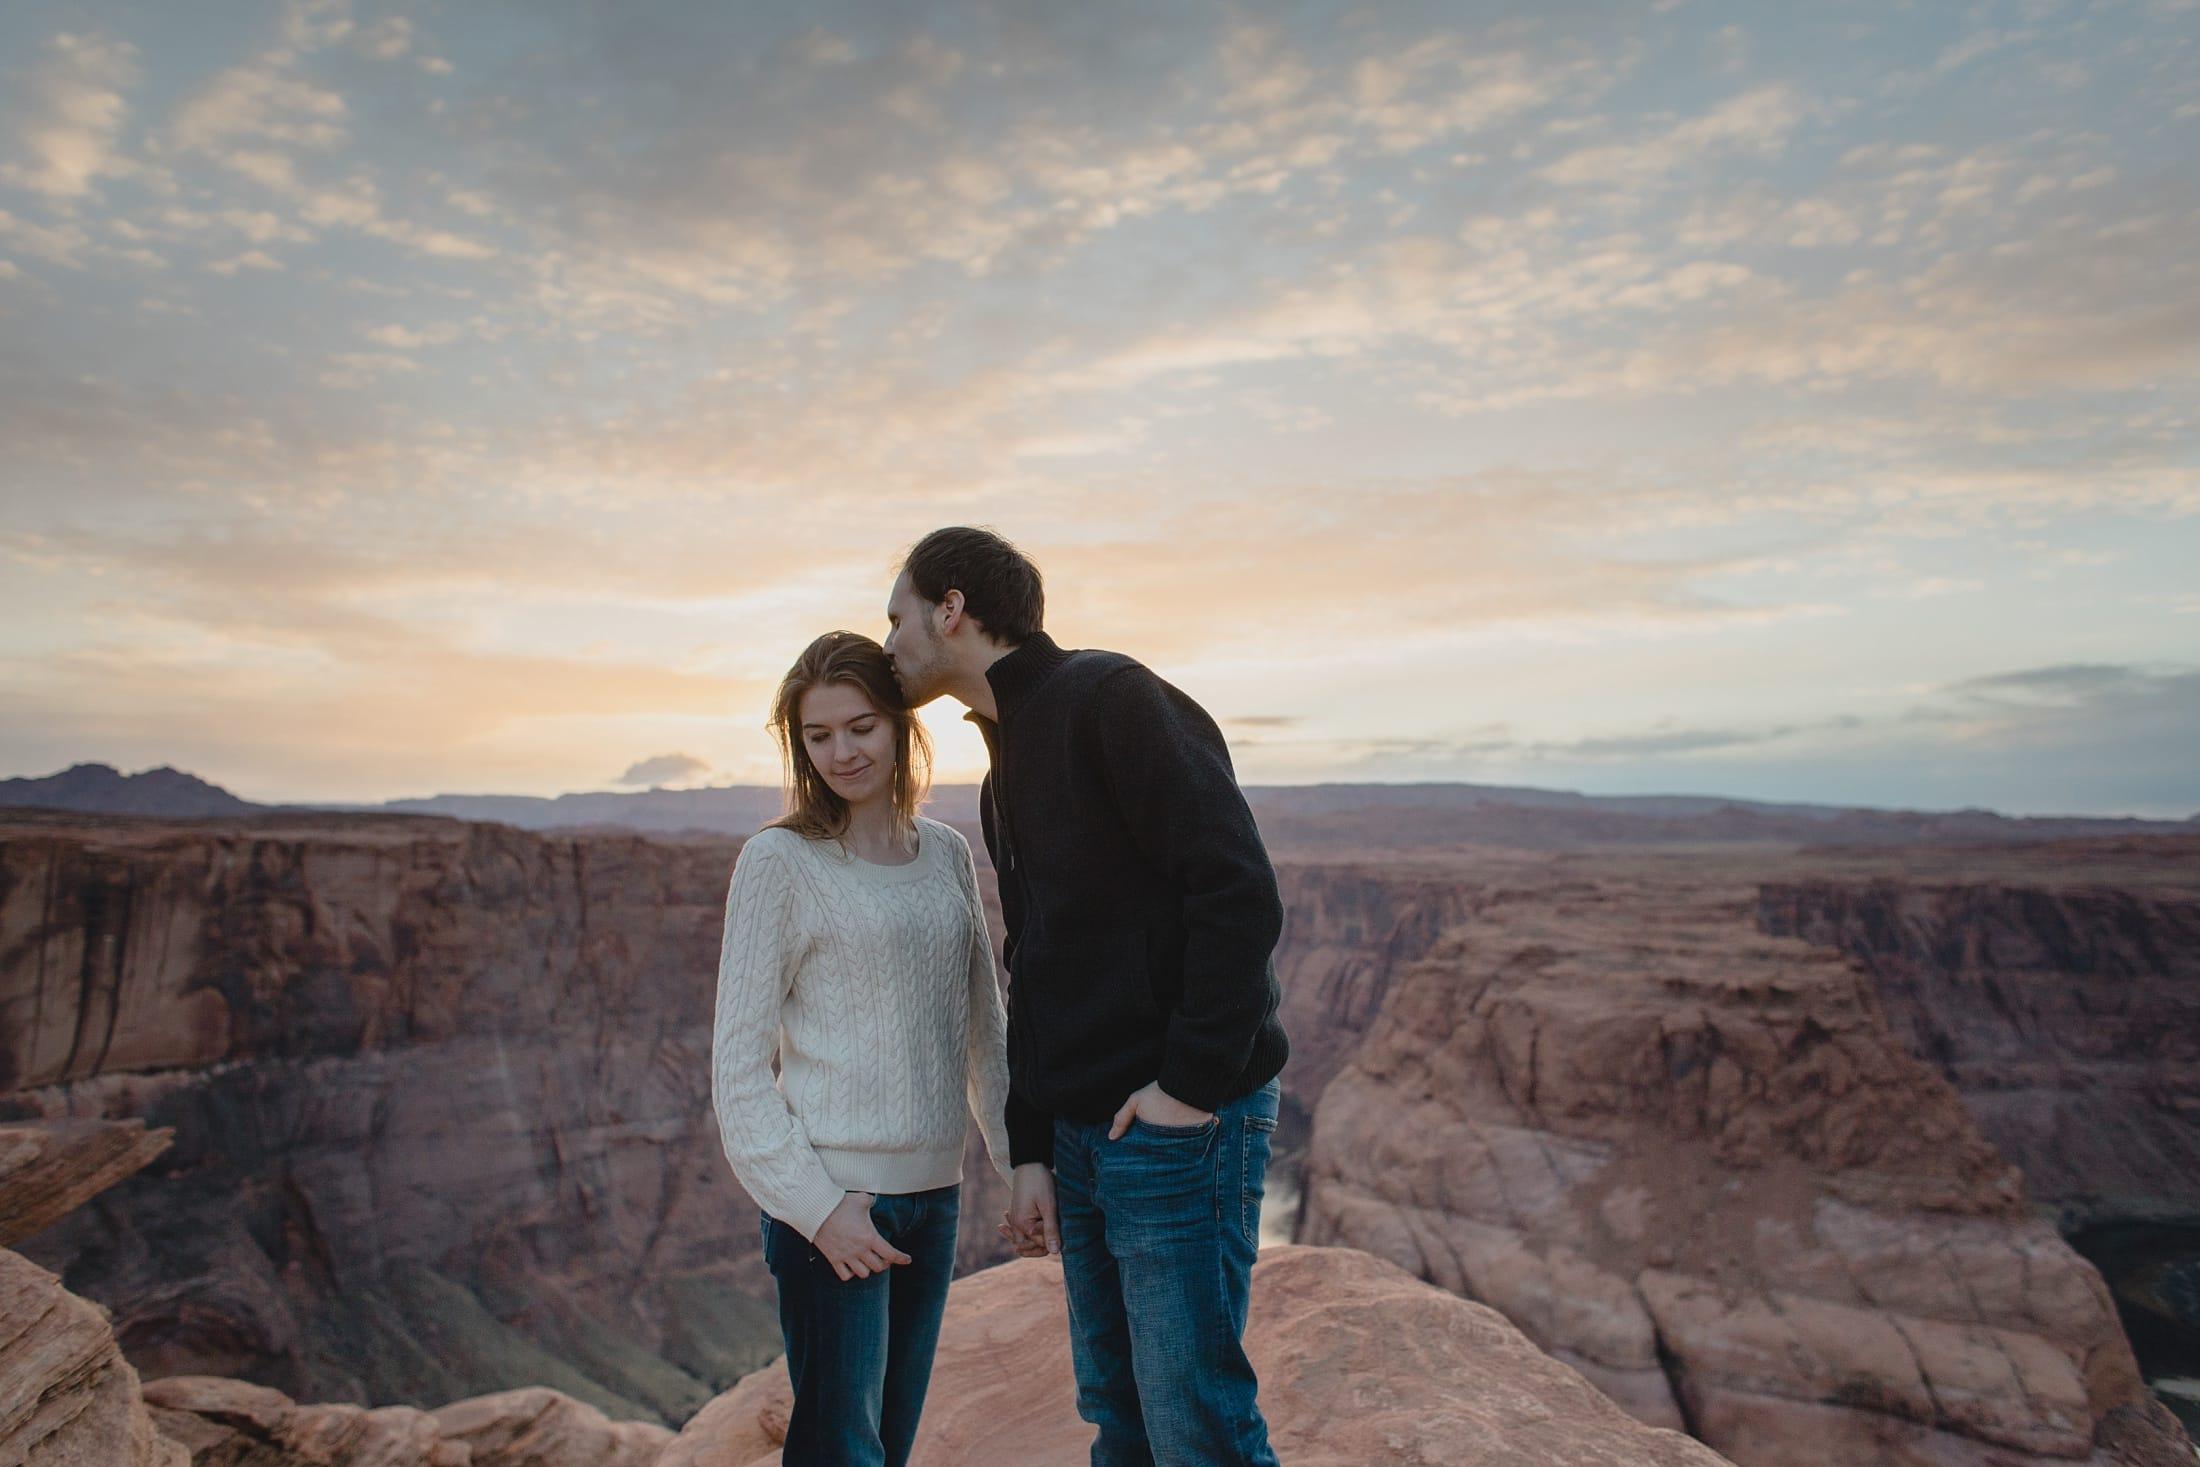 engagement photos at Horseshoe Bend